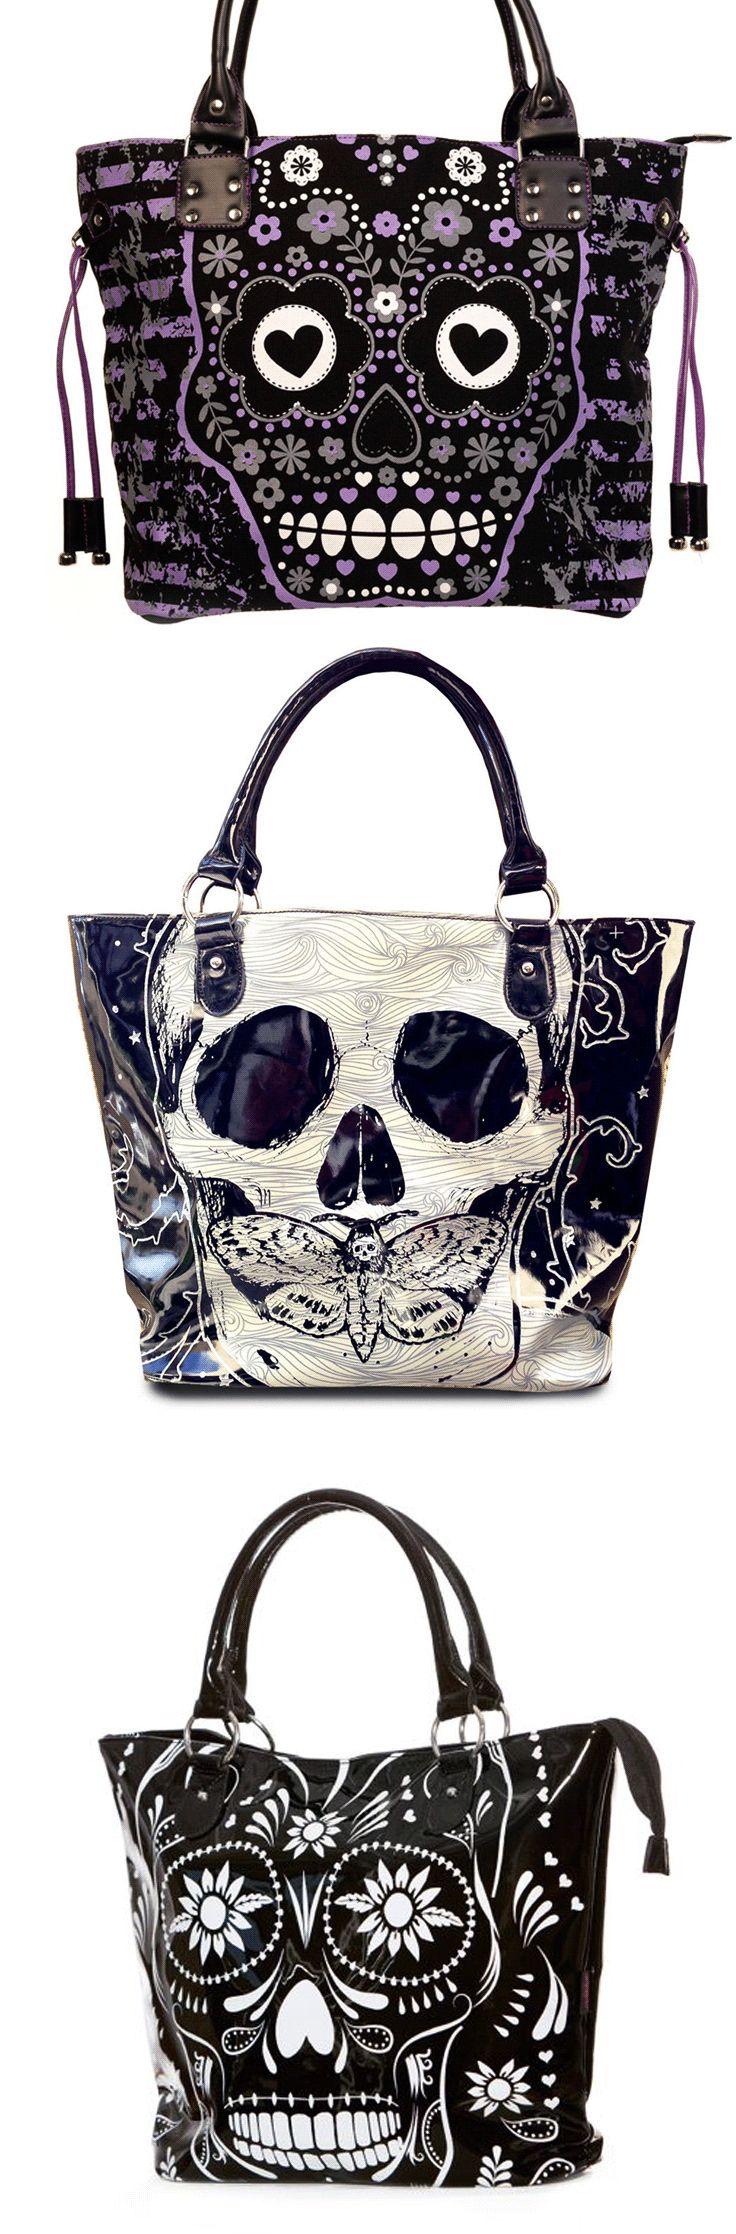 Shop goth sugar skull handbags at RebelsMarket.